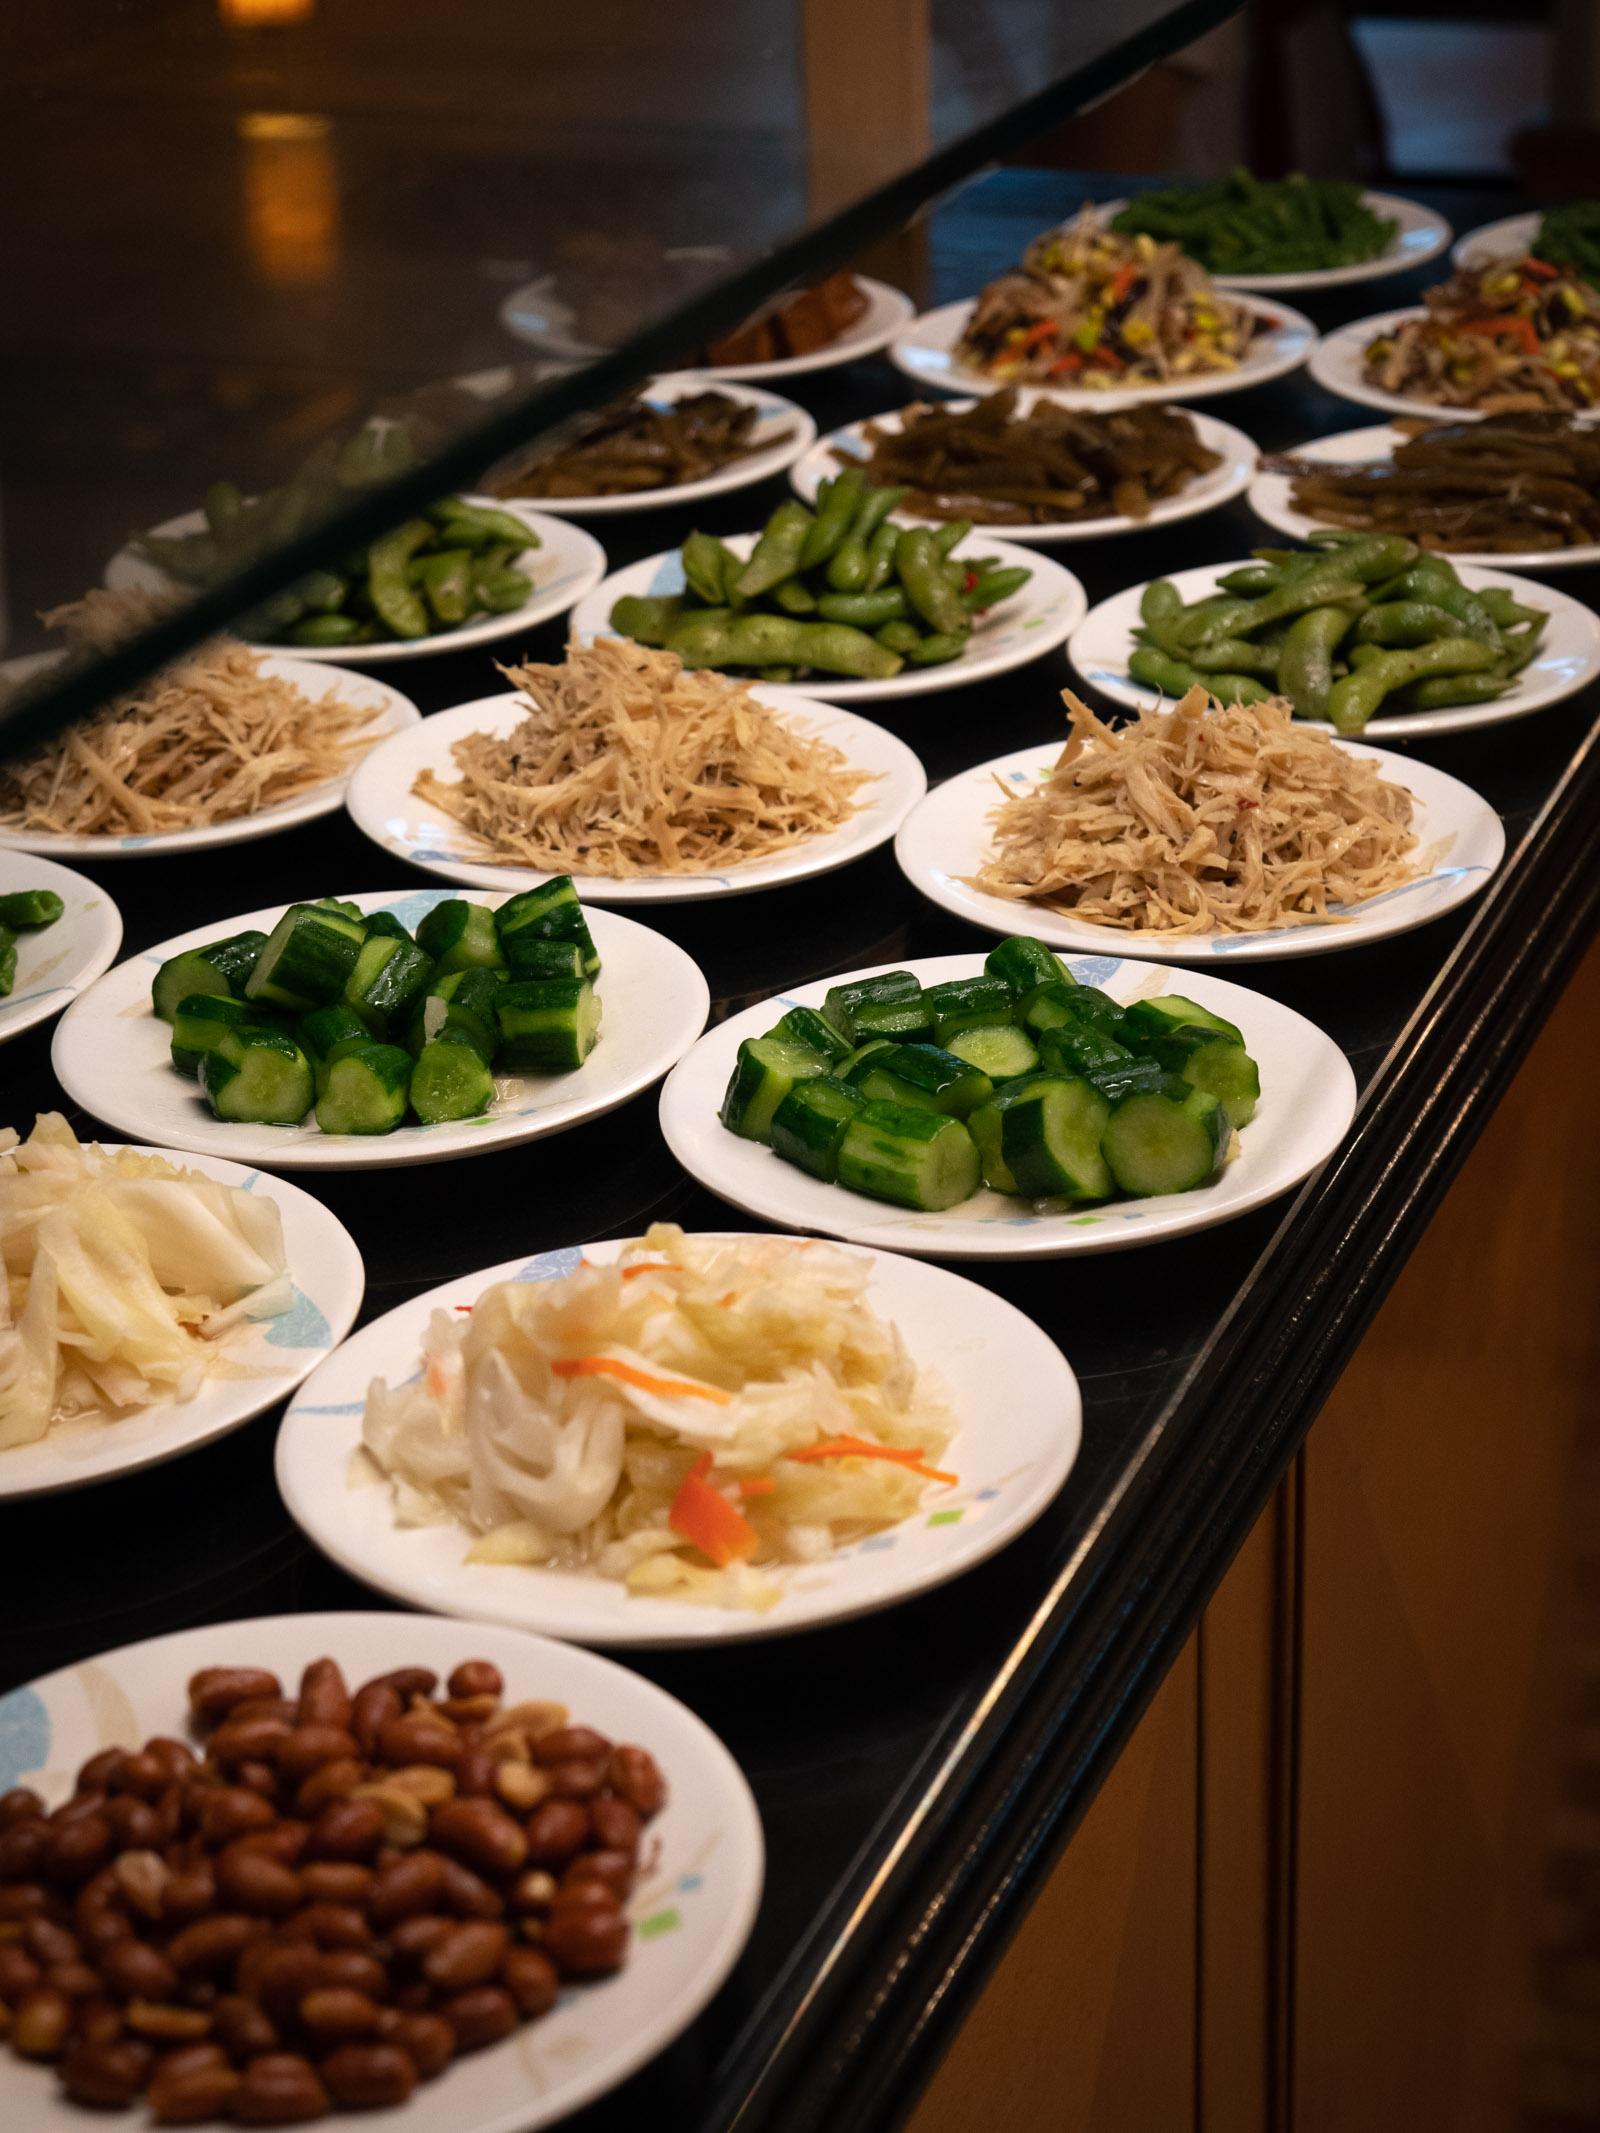 台北「好公道金雞園」 どれでも一皿40元の「各種小菜」